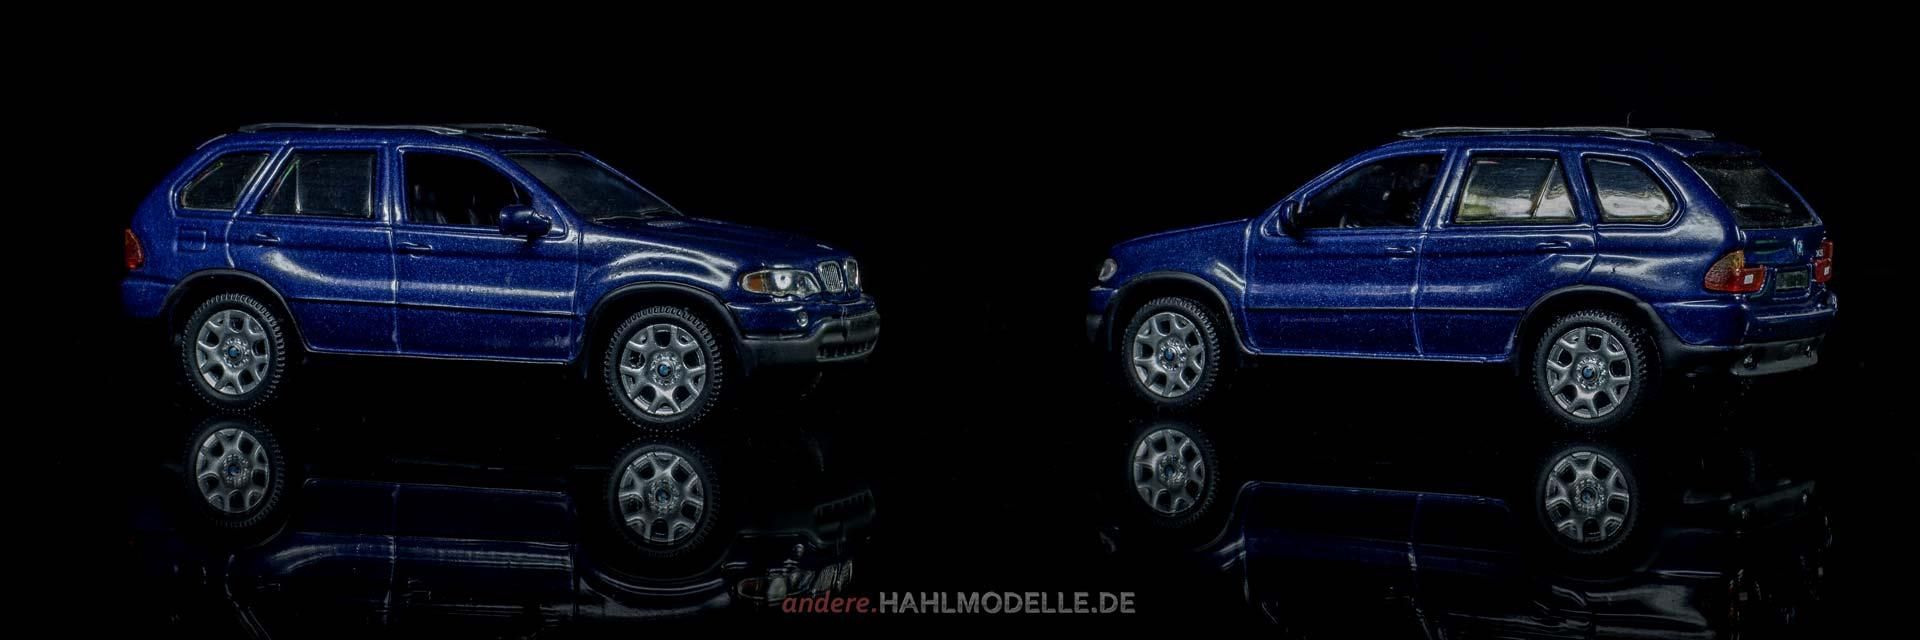 BMW X5 (E53) | SUV | Ixo | www.andere.hahlmodelle.de